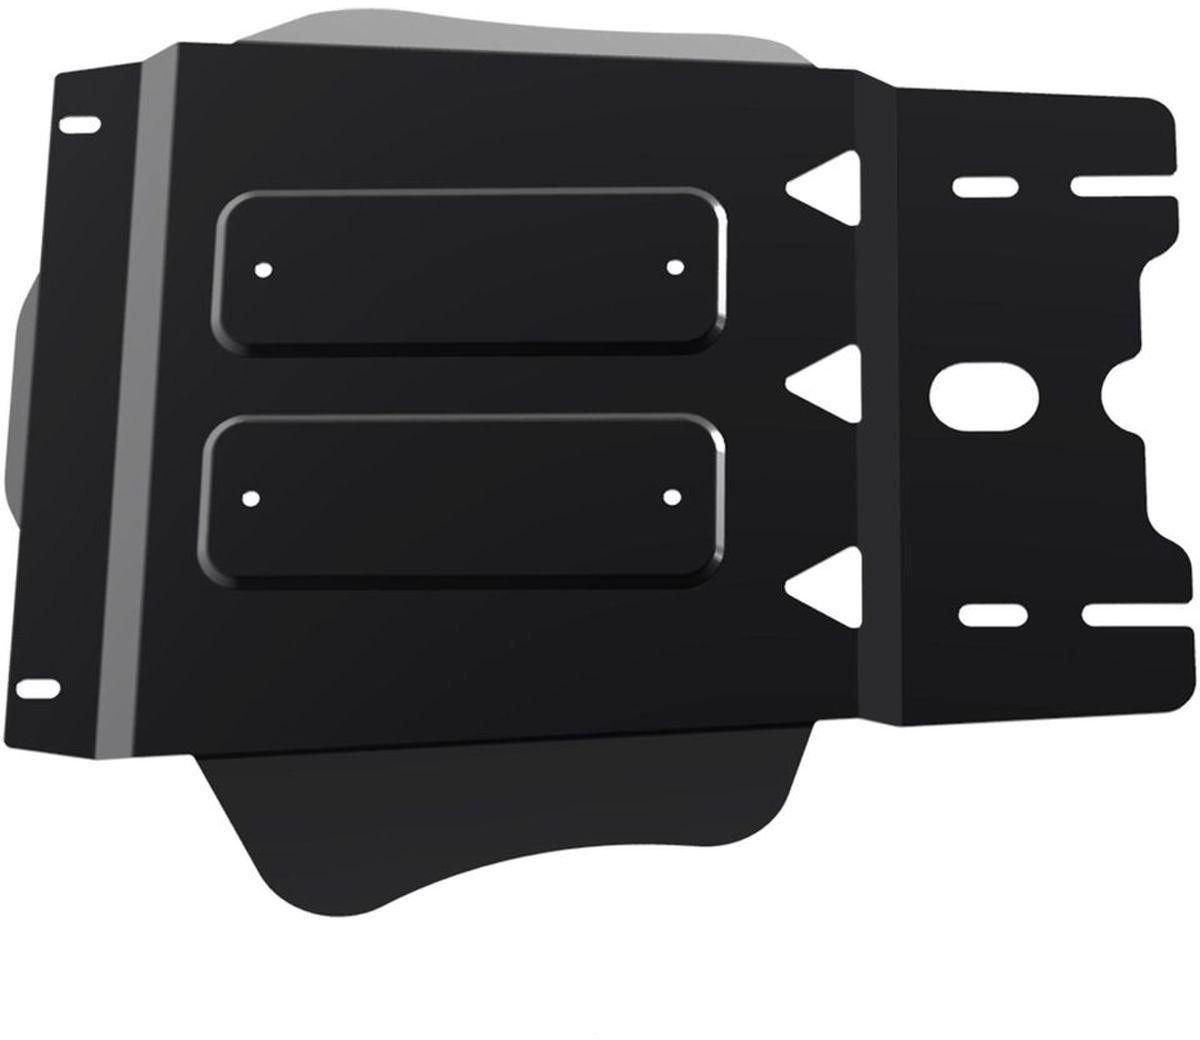 Защита КПП Автоброня, для Ssang Yong Rexton II/Ssang Yong Kyron II/Ssang Yong Actyon II/Ssang Yong Actyon Sport111.05303.3Технологически совершенный продукт за невысокую стоимость. Защита разработана с учетом особенностей днища автомобиля, что позволяет сохранить дорожный просвет с минимальным изменением. Защита устанавливается в штатные места кузова автомобиля. Глубокий штамп обеспечивает до двух раз больше жесткости в сравнении с обычной защитой той же толщины. Проштампованные ребра жесткости препятствуют деформации защиты при ударах. Тепловой зазор и вентиляционные отверстия обеспечивают сохранение температурного режима двигателя в норме. Скрытый крепеж предотвращает срыв крепежных элементов при наезде на препятствие. Шумопоглощающие резиновые элементы обеспечивают комфортную езду без вибраций и скрежета металла, а съемные лючки для слива масла и замены фильтра - экономию средств и время. Конструкция изделия не влияет на пассивную безопасность автомобиля (при ударе защита не воздействует на деформационные зоны кузова). Со штатным крепежом. В комплекте инструкция по установке....